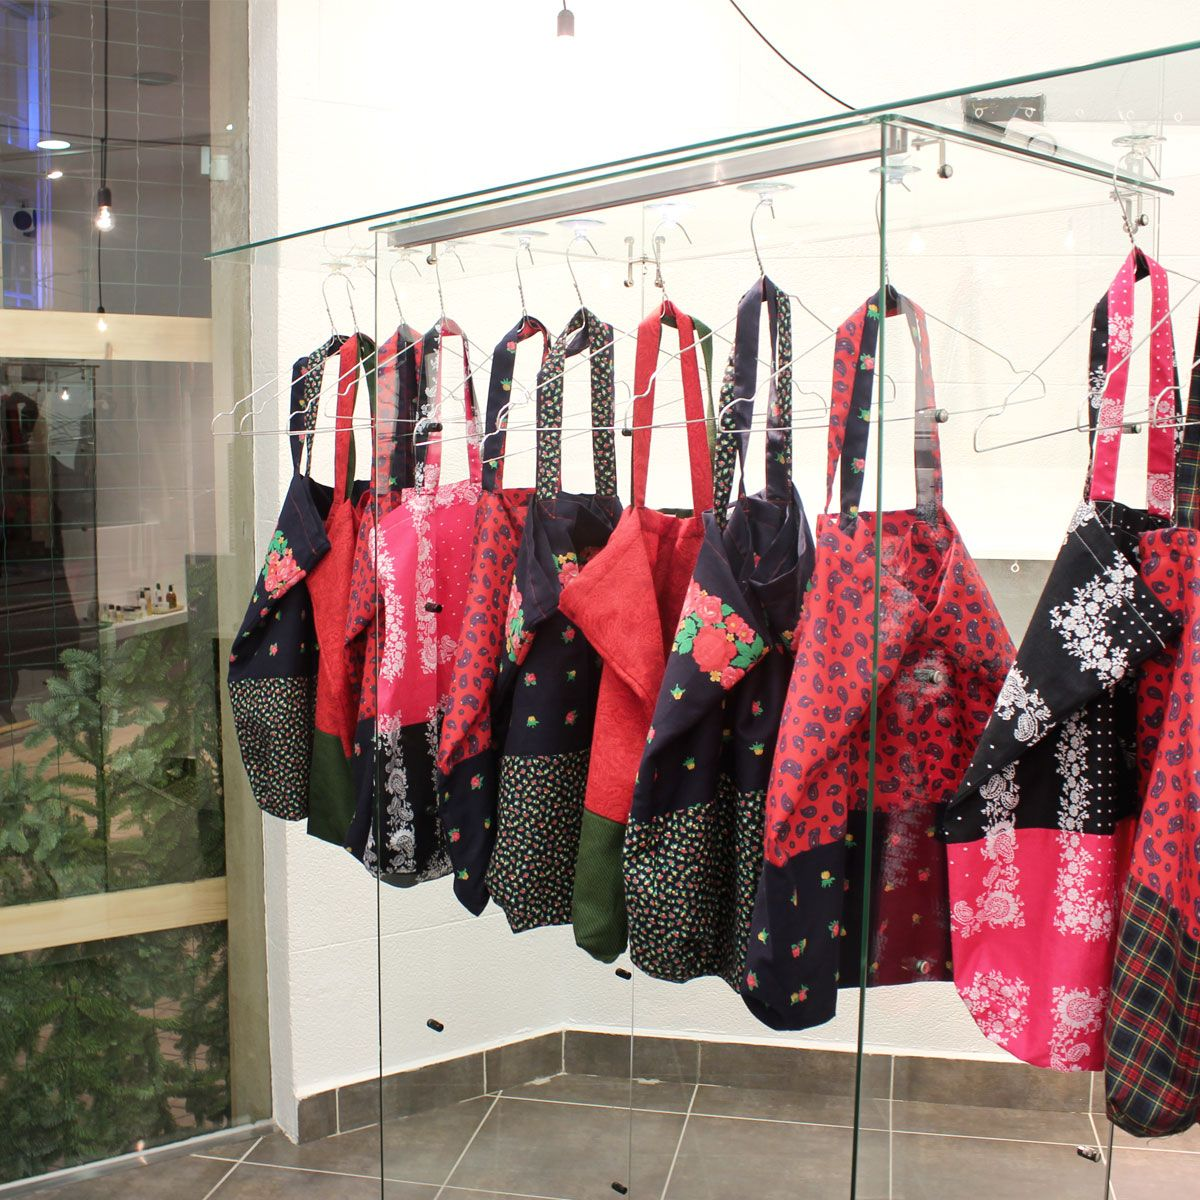 Vintage capsulle + Arropame's New Edition. #arropame #conceptstore #bilbao #vintage #fashion #shopping #gifts #regalos http://arropame.com/nada-es-mas-valioso-que-aquello-que-el-resto-no-puede-encontrar/